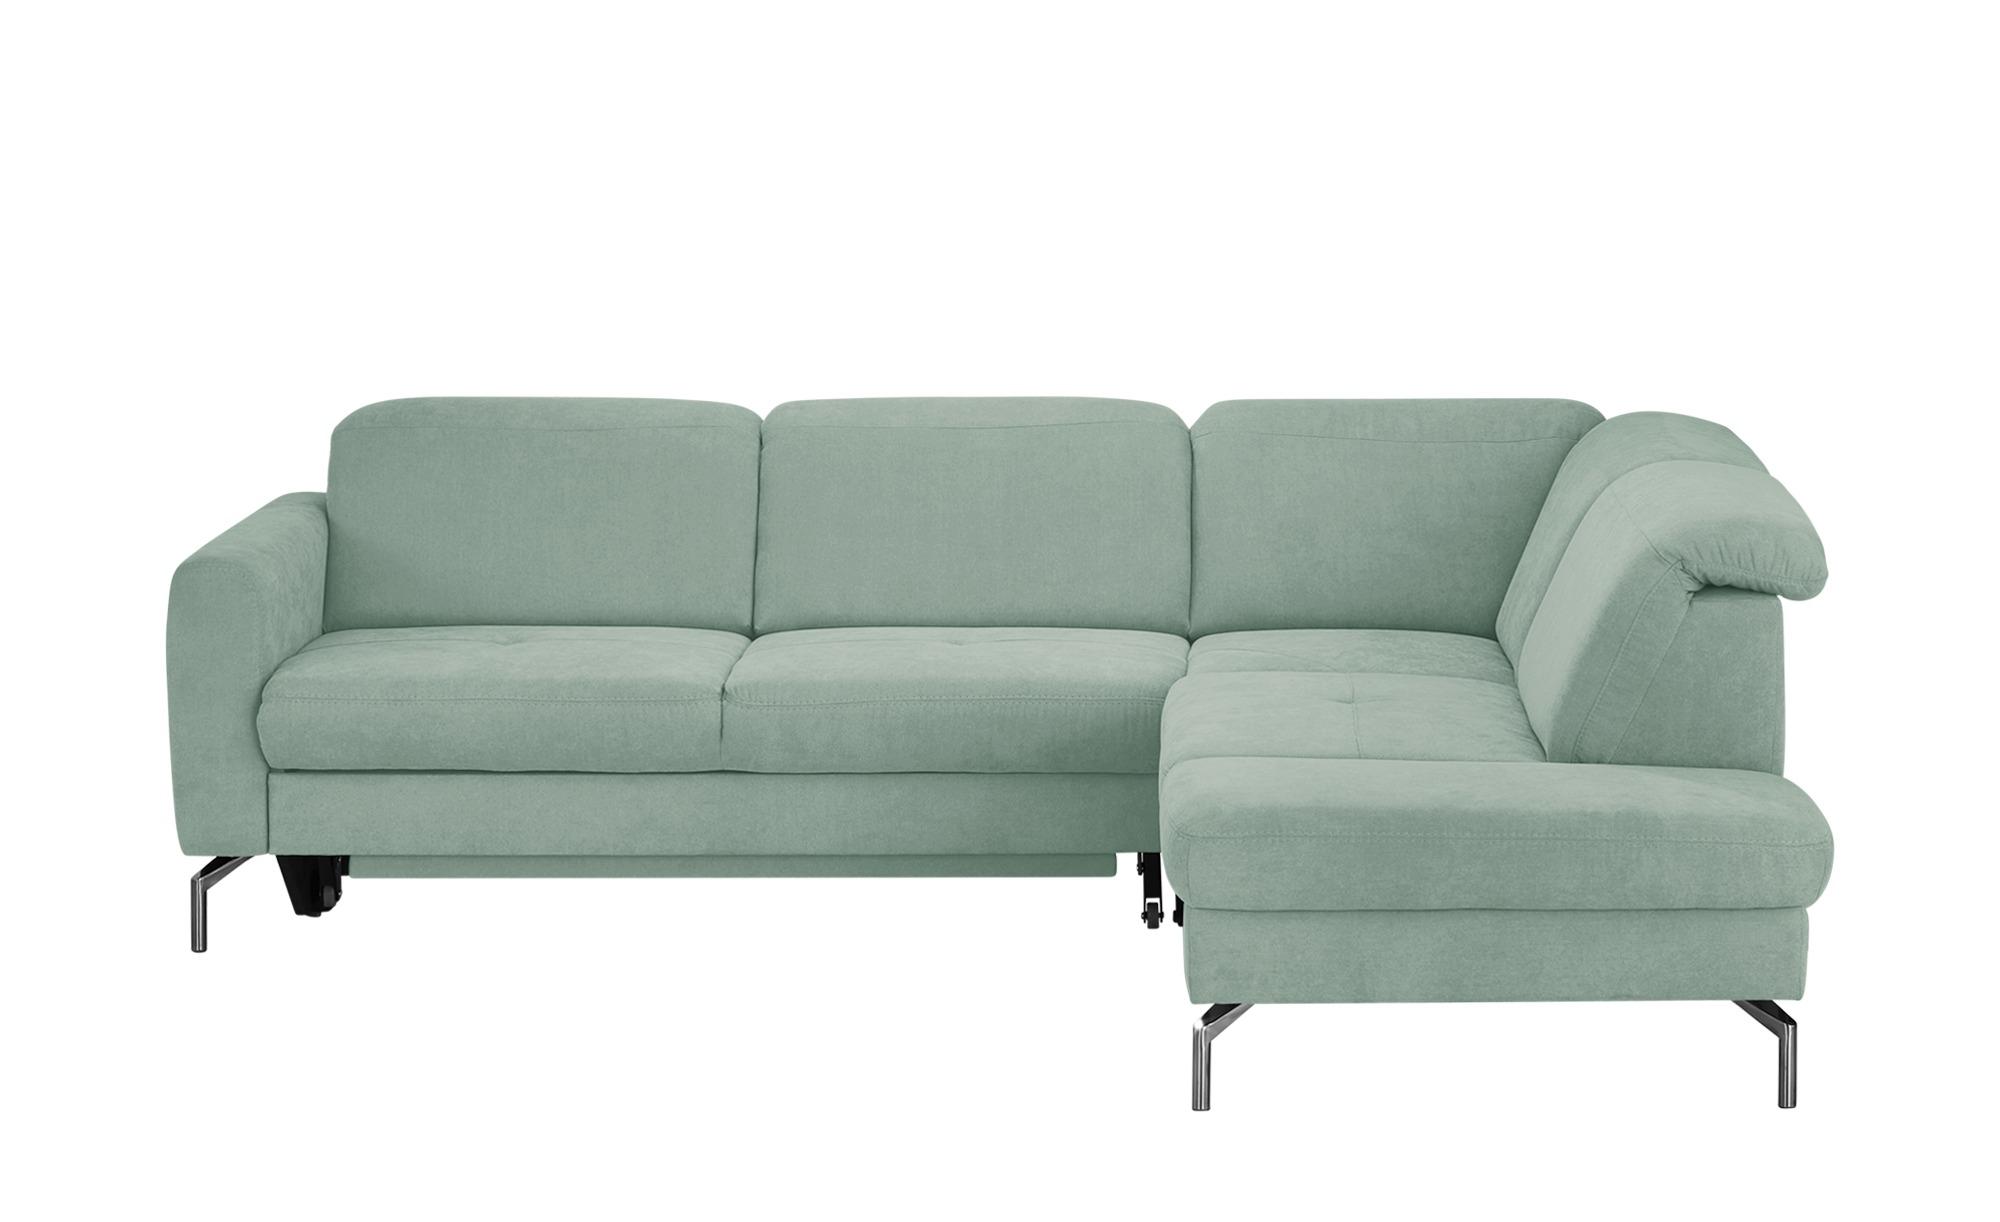 Ecksofa mintgrün - Webstoff Lea ¦ grün ¦ Maße (cm): H: 87 Polstermöbel > Sofas > Ecksofas - Höffner